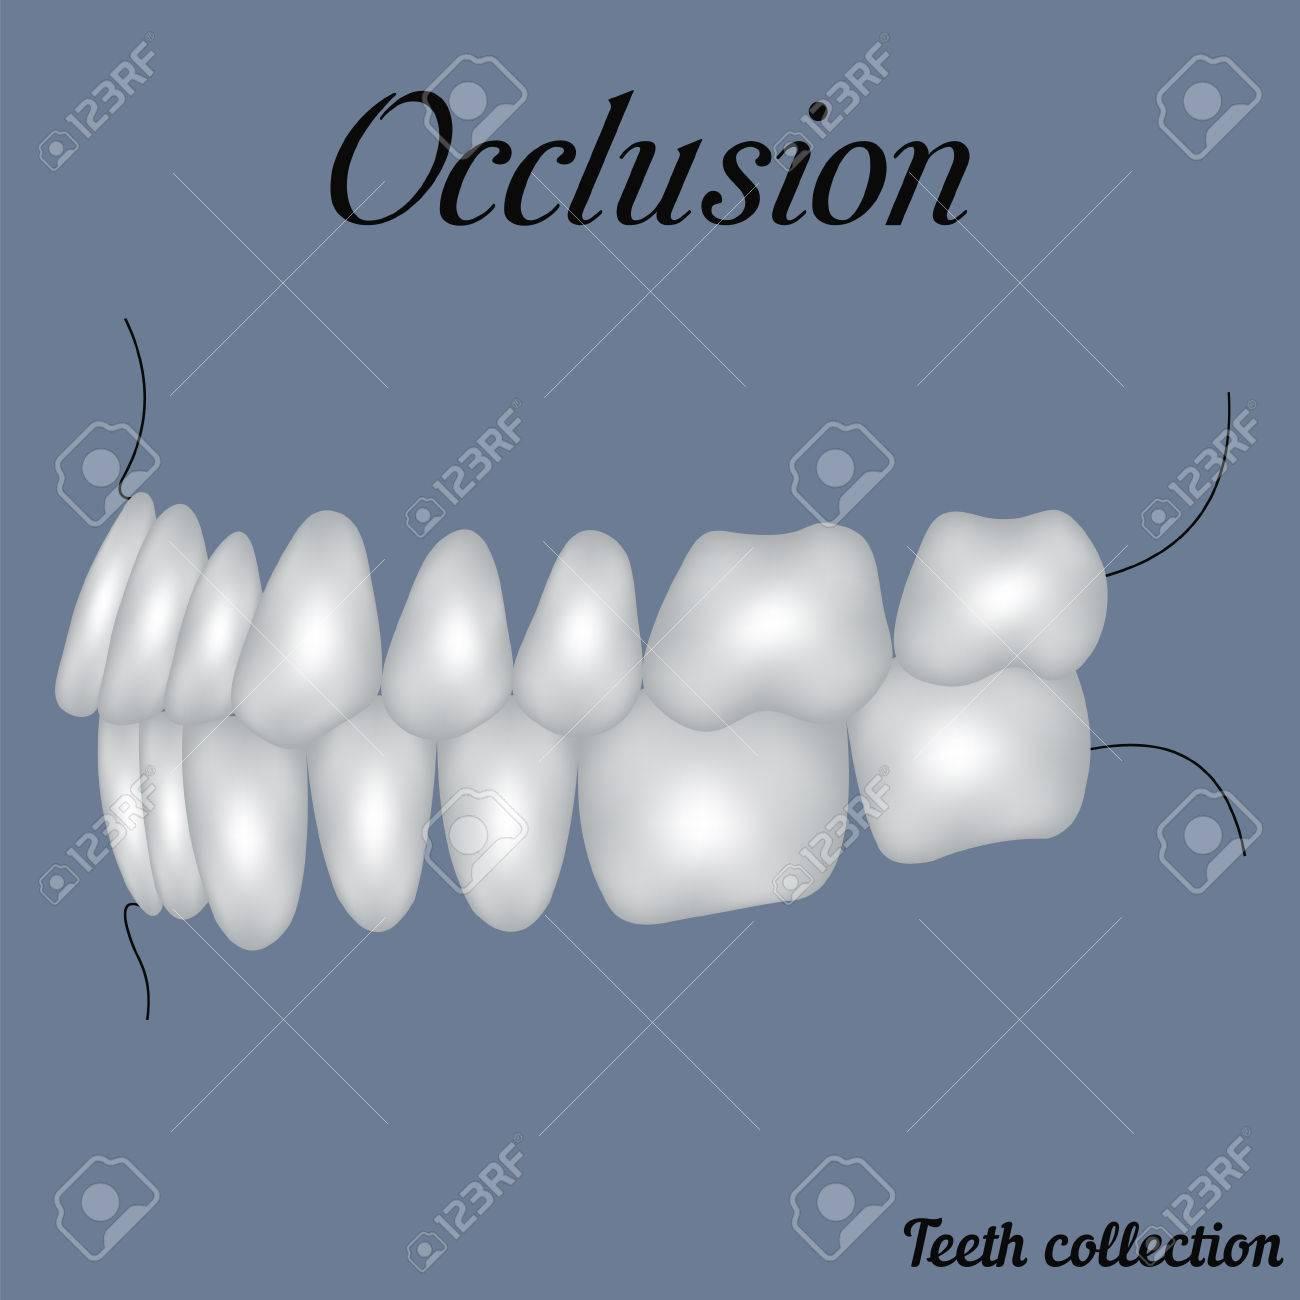 Okklusion Seitenansicht - Beißen, Schließung Von Zähnen ...